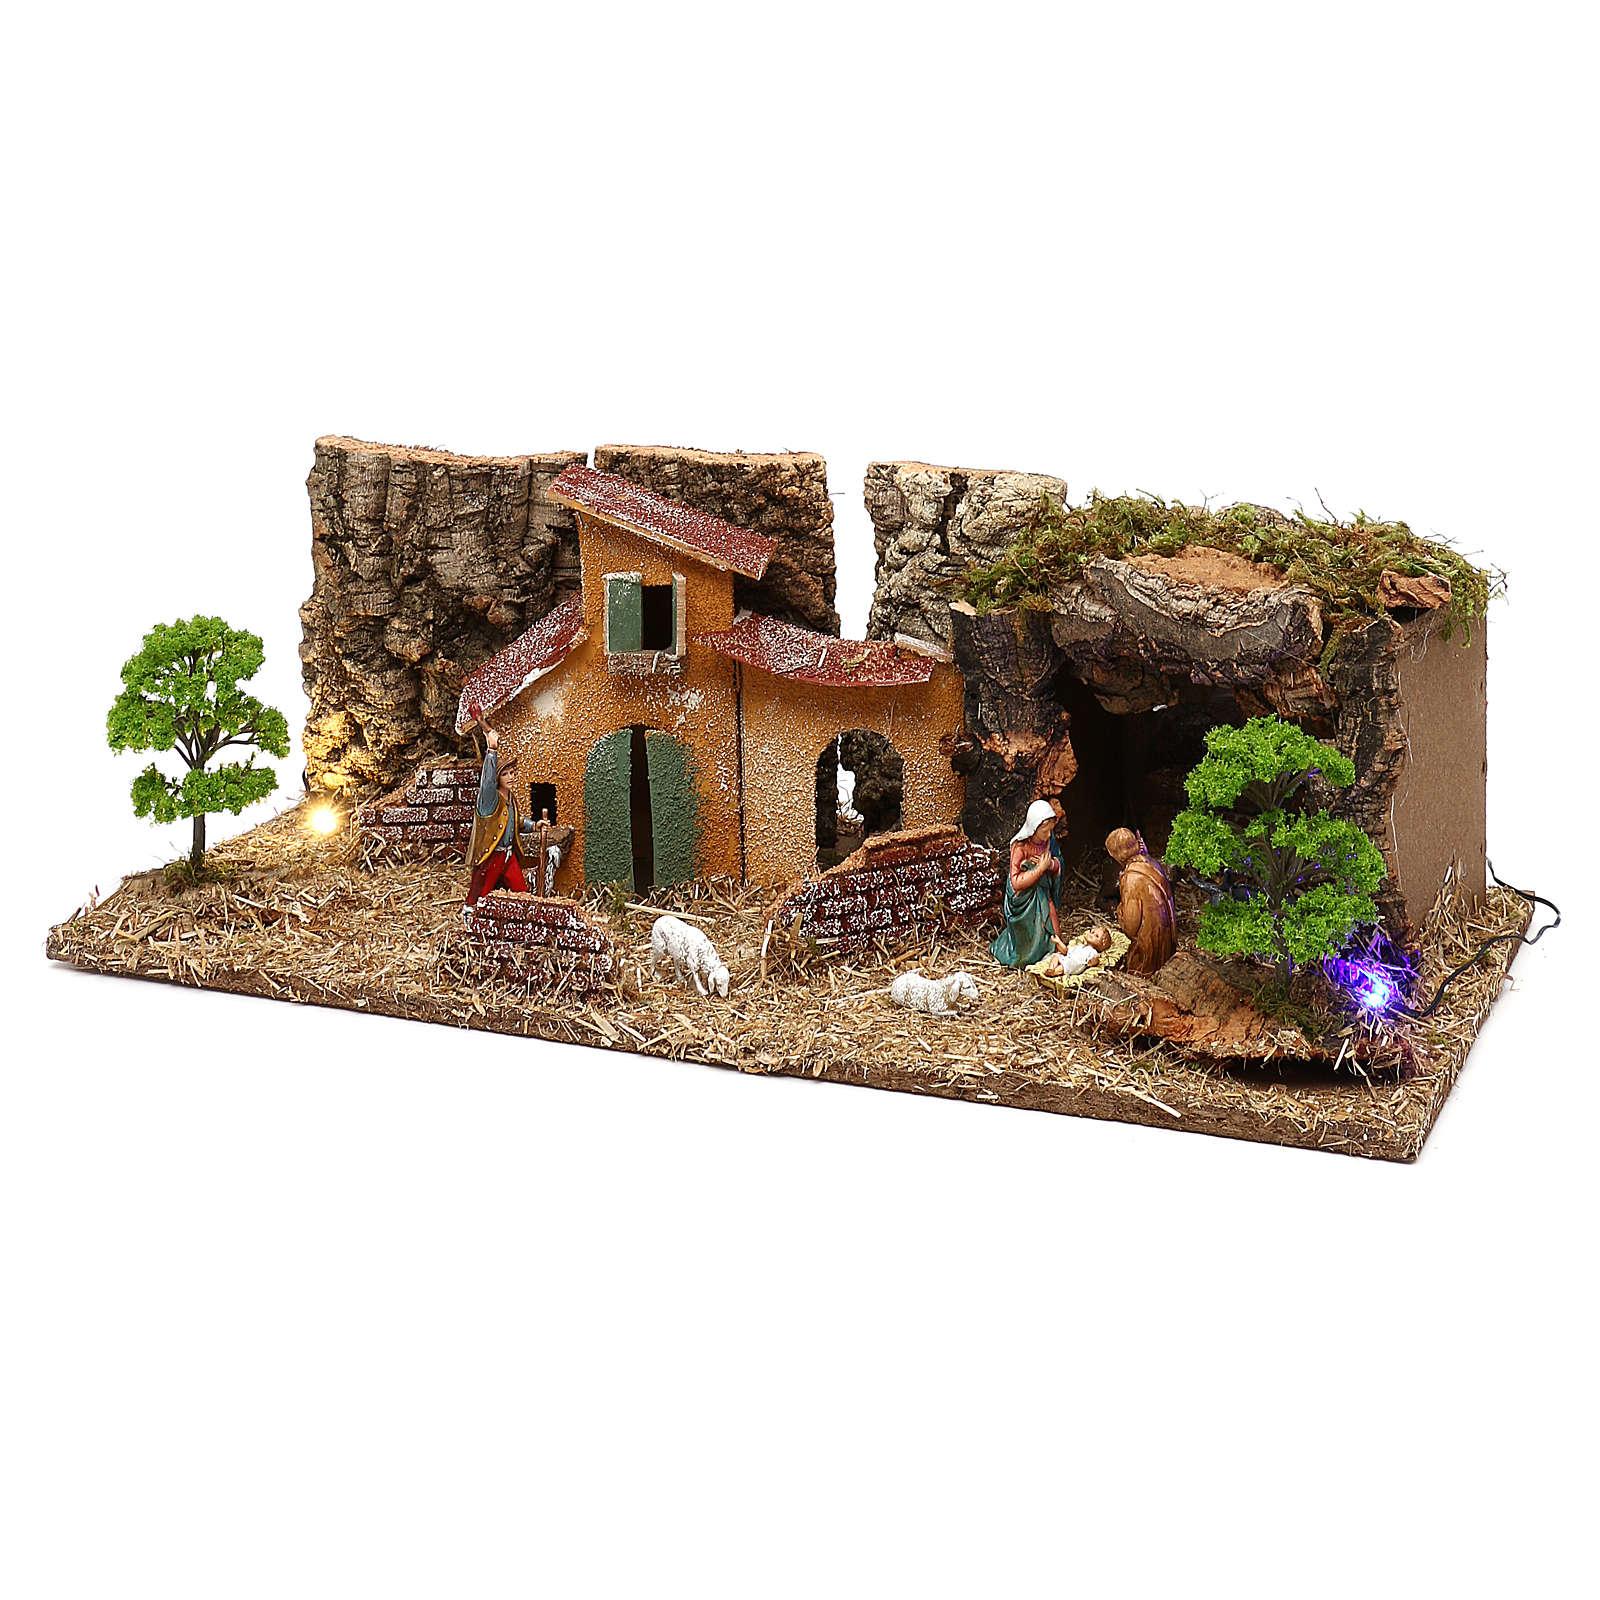 Grotte avec maisons et nativité crèche 7 cm 4